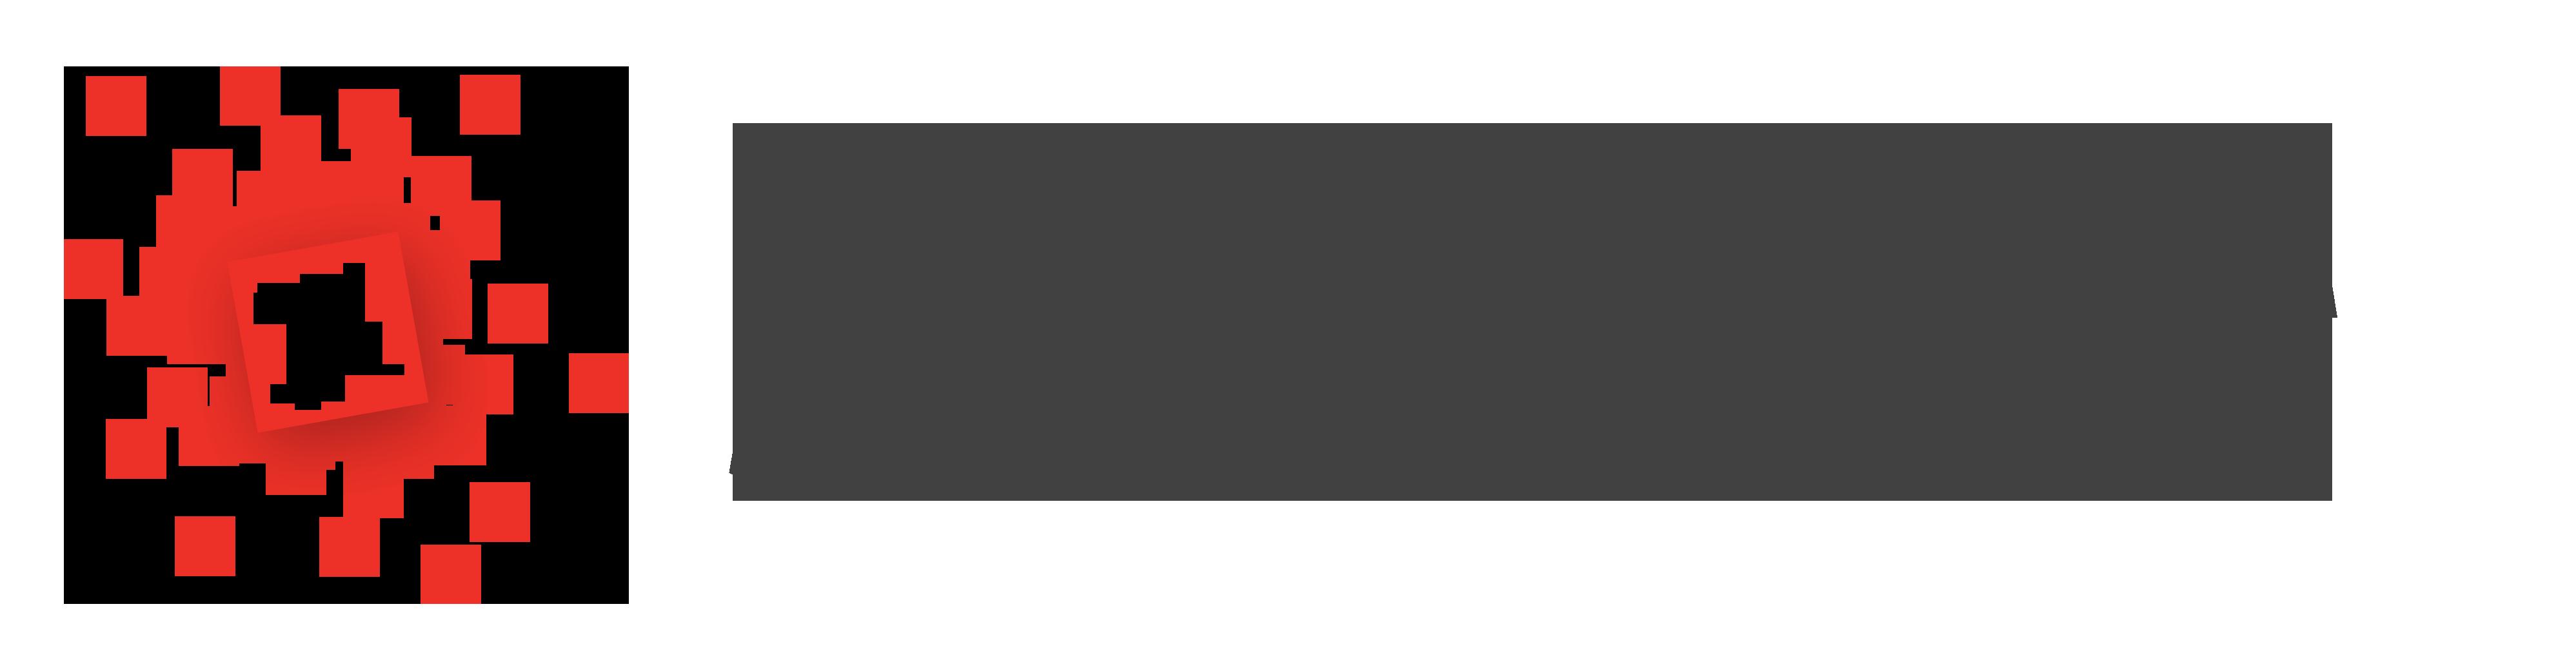 Skatter